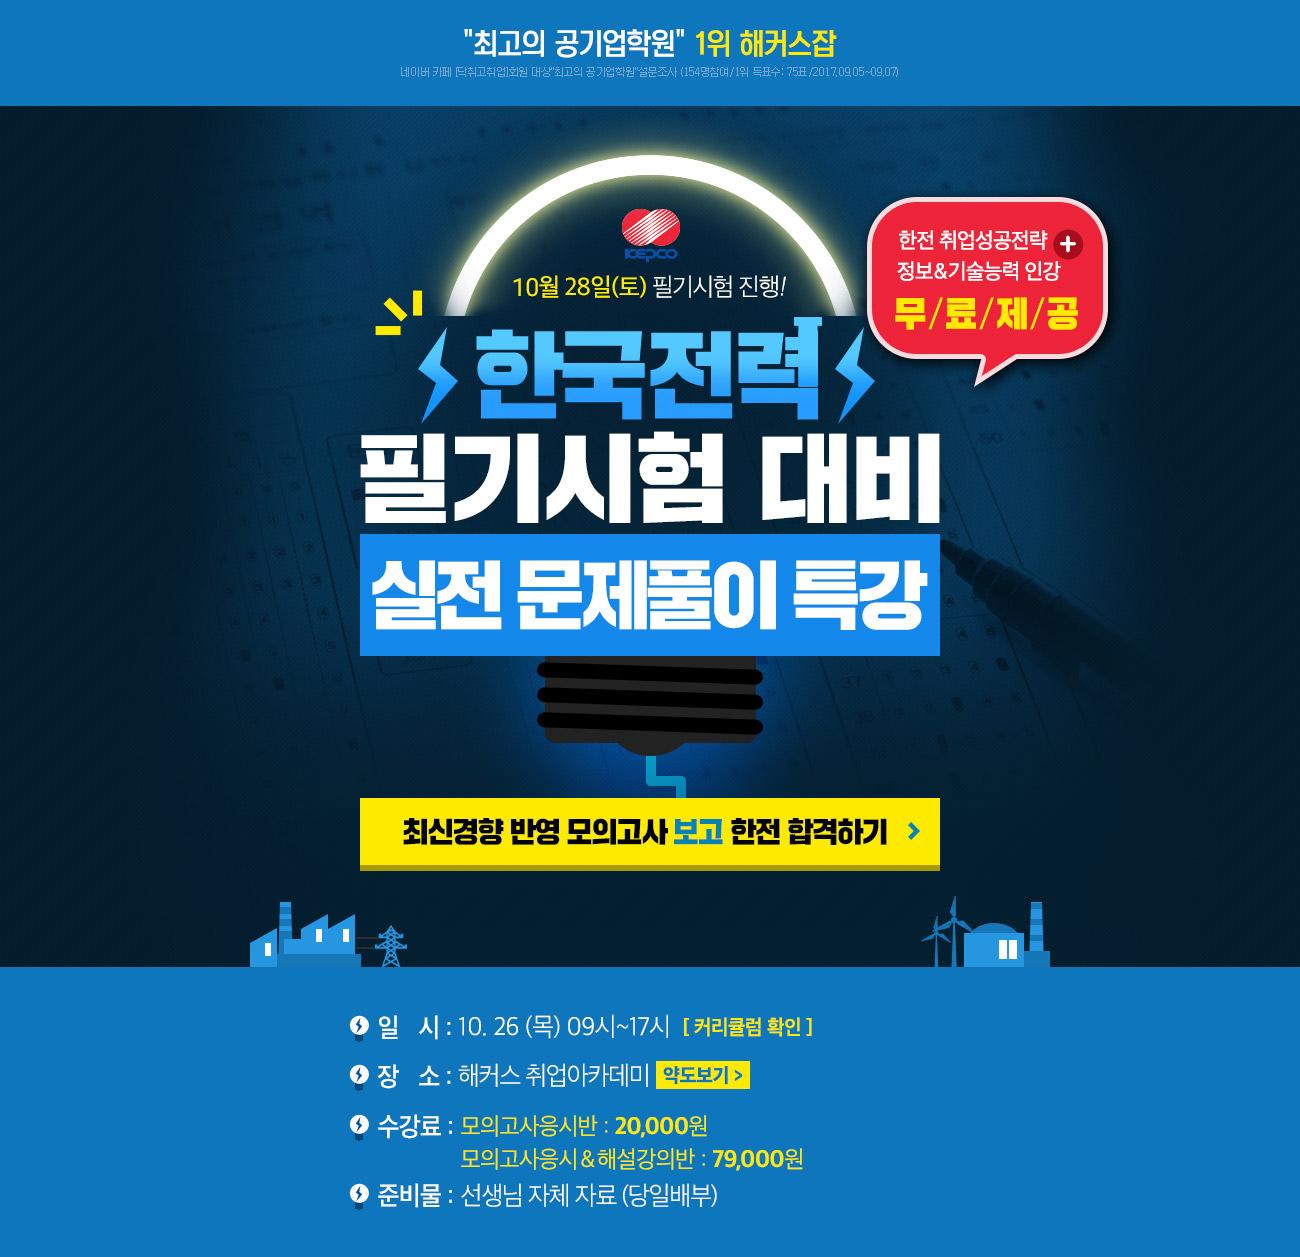 한국전력 필기시험 대비